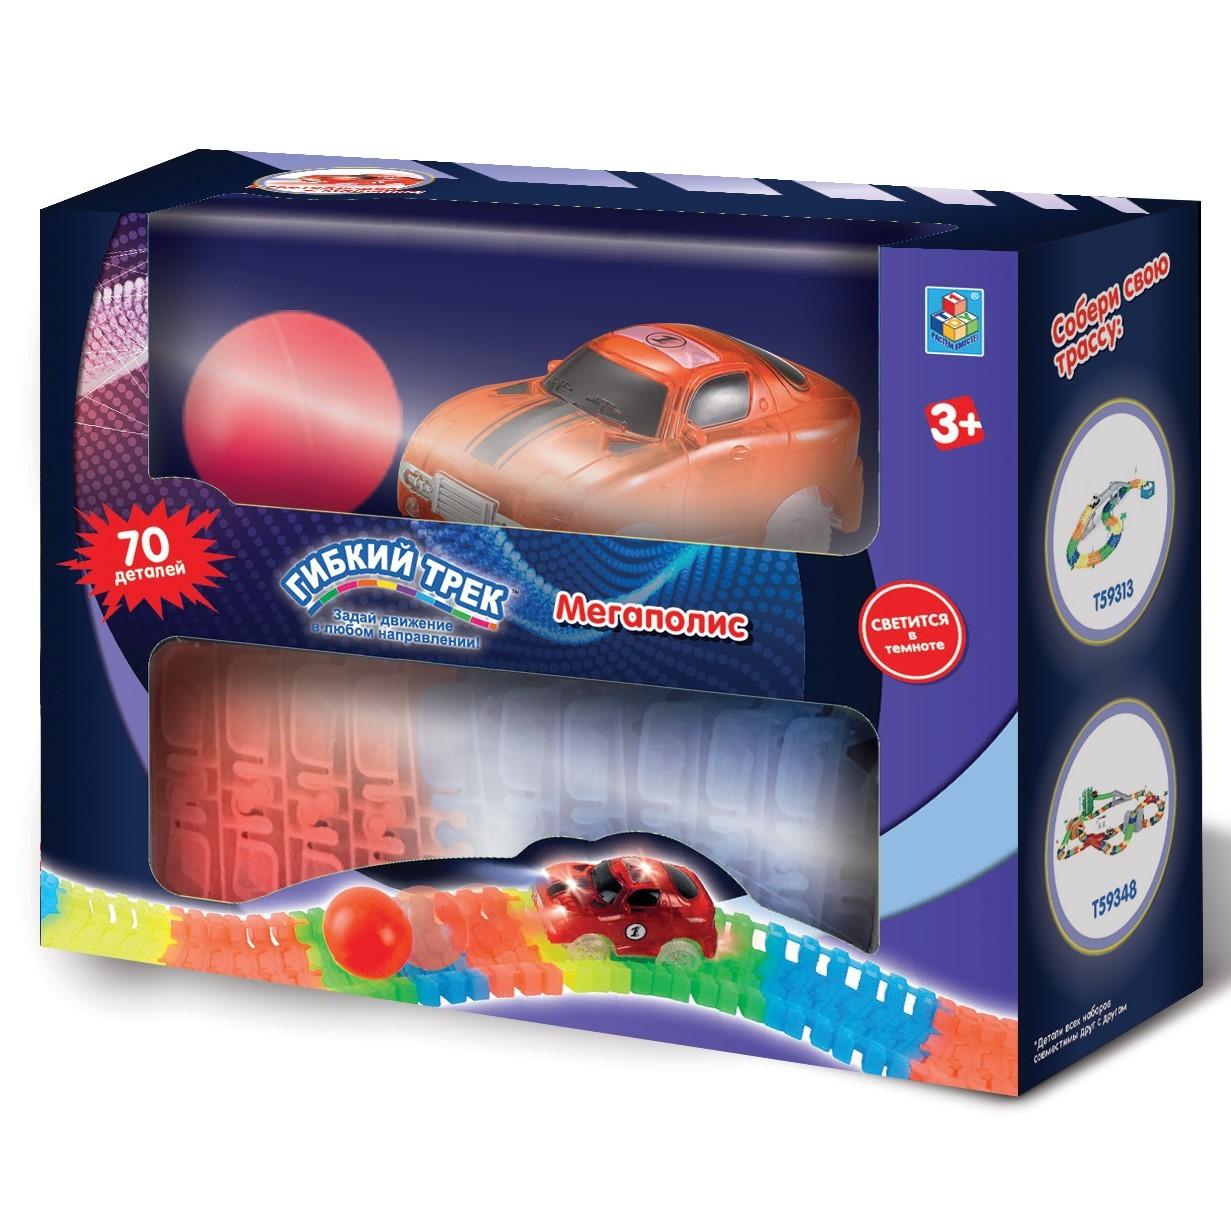 Светящийся гибкий трек 1 Toy 70 деталей